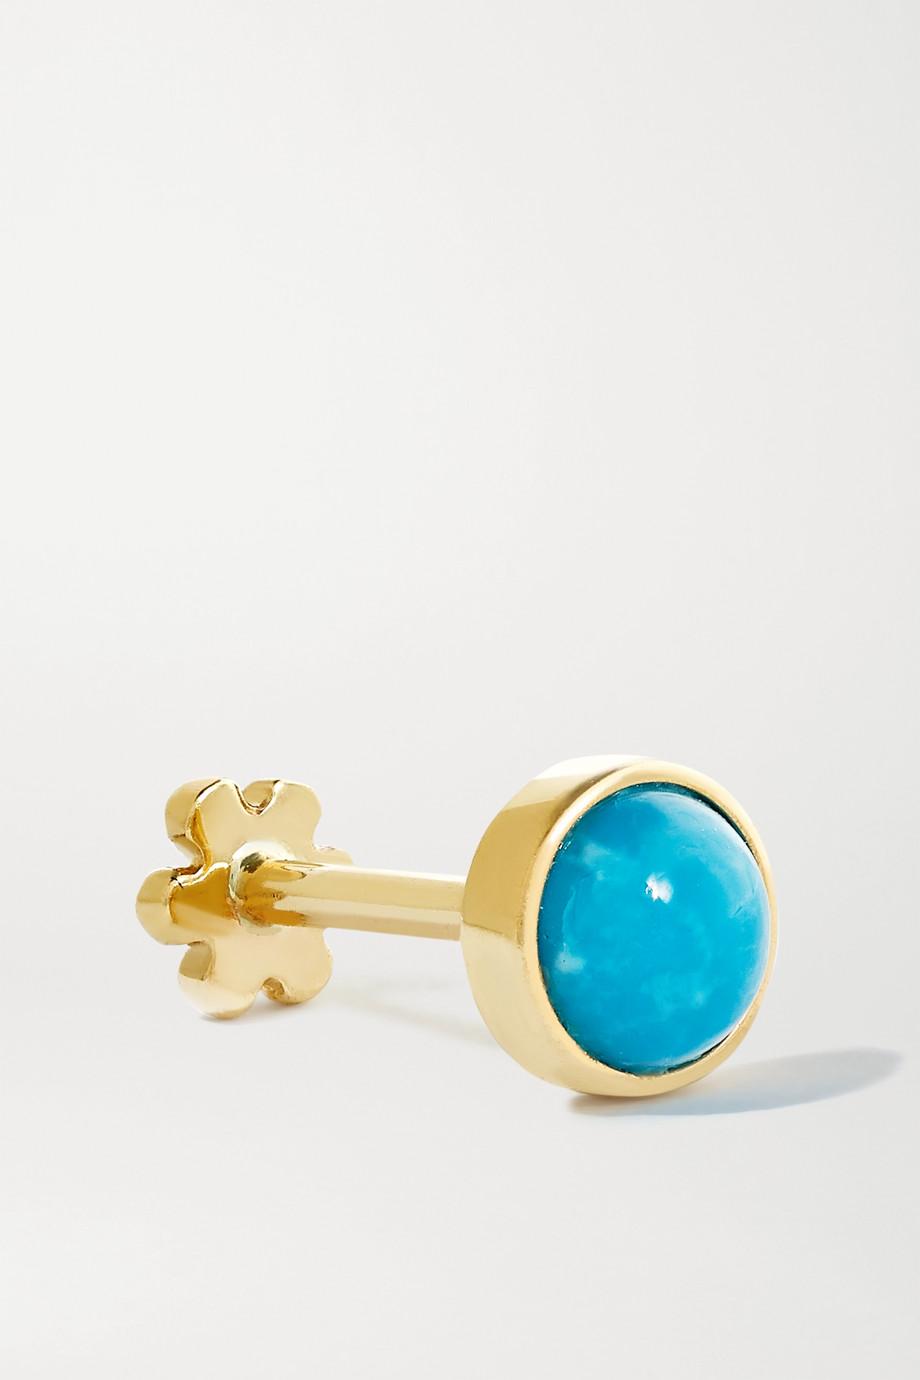 Maria Tash 4 mm Ohrring aus 14 Karat Gold mit Türkis